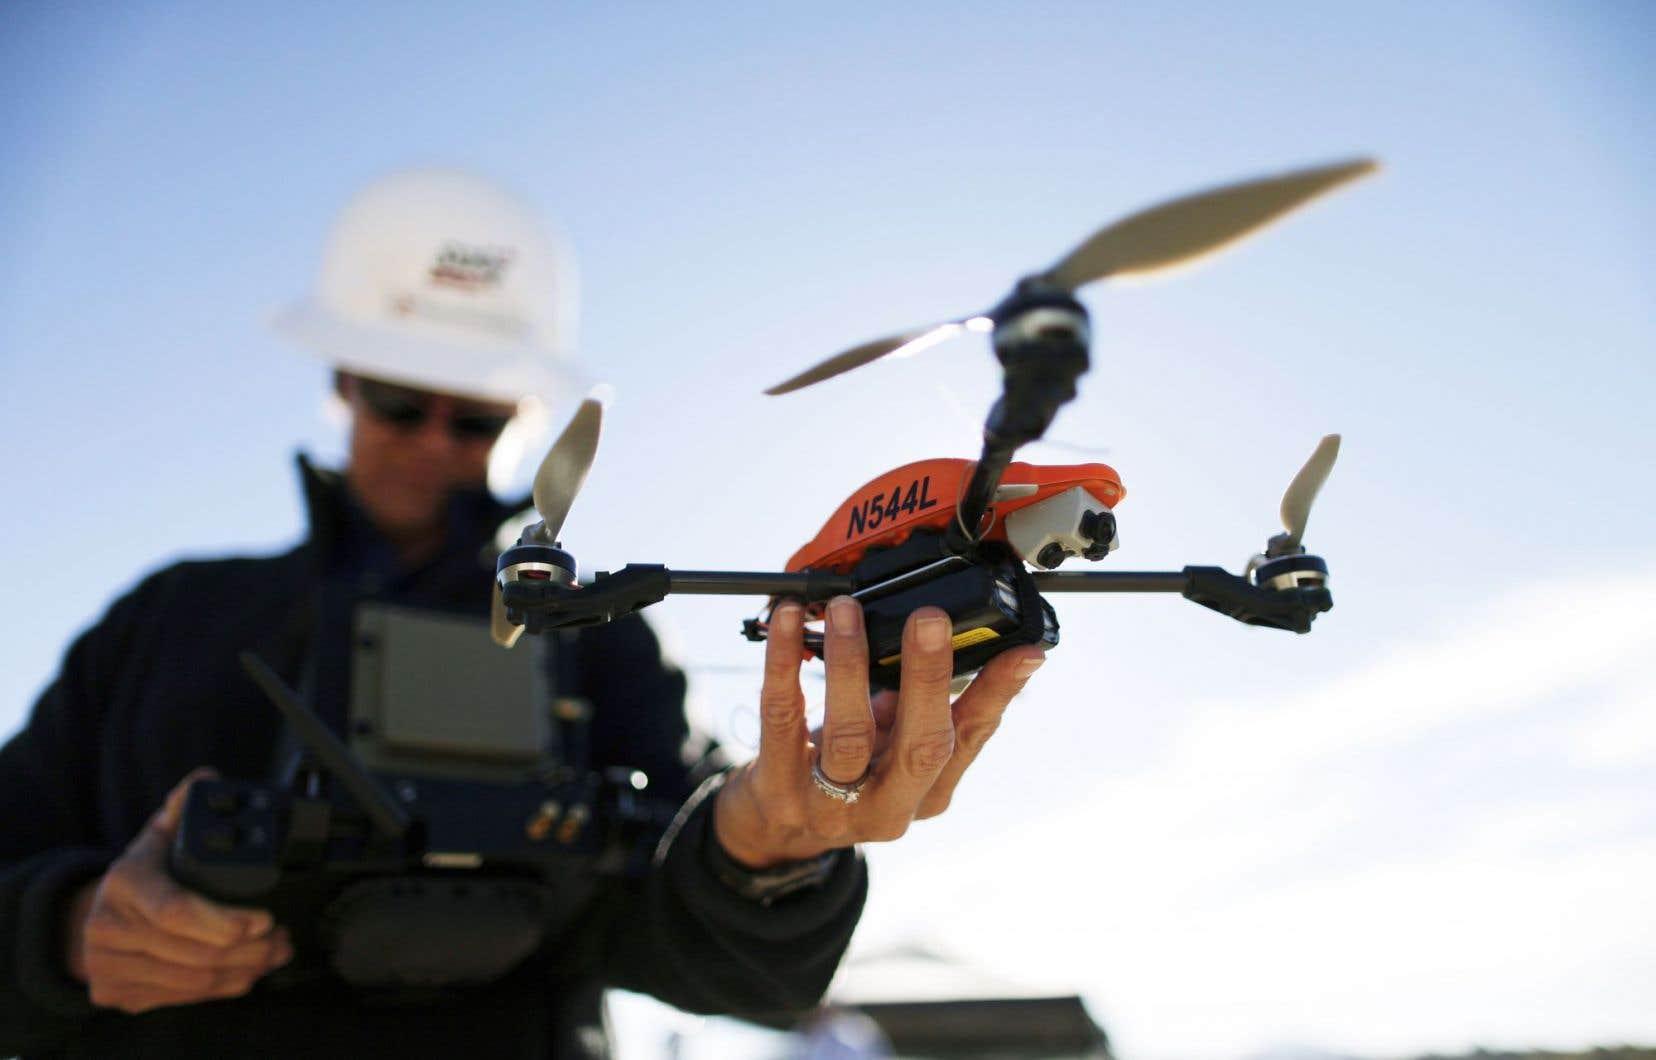 Les drones peuvent servir à inspecter diverses infrastructures, dont des ponts et des bâtiments.